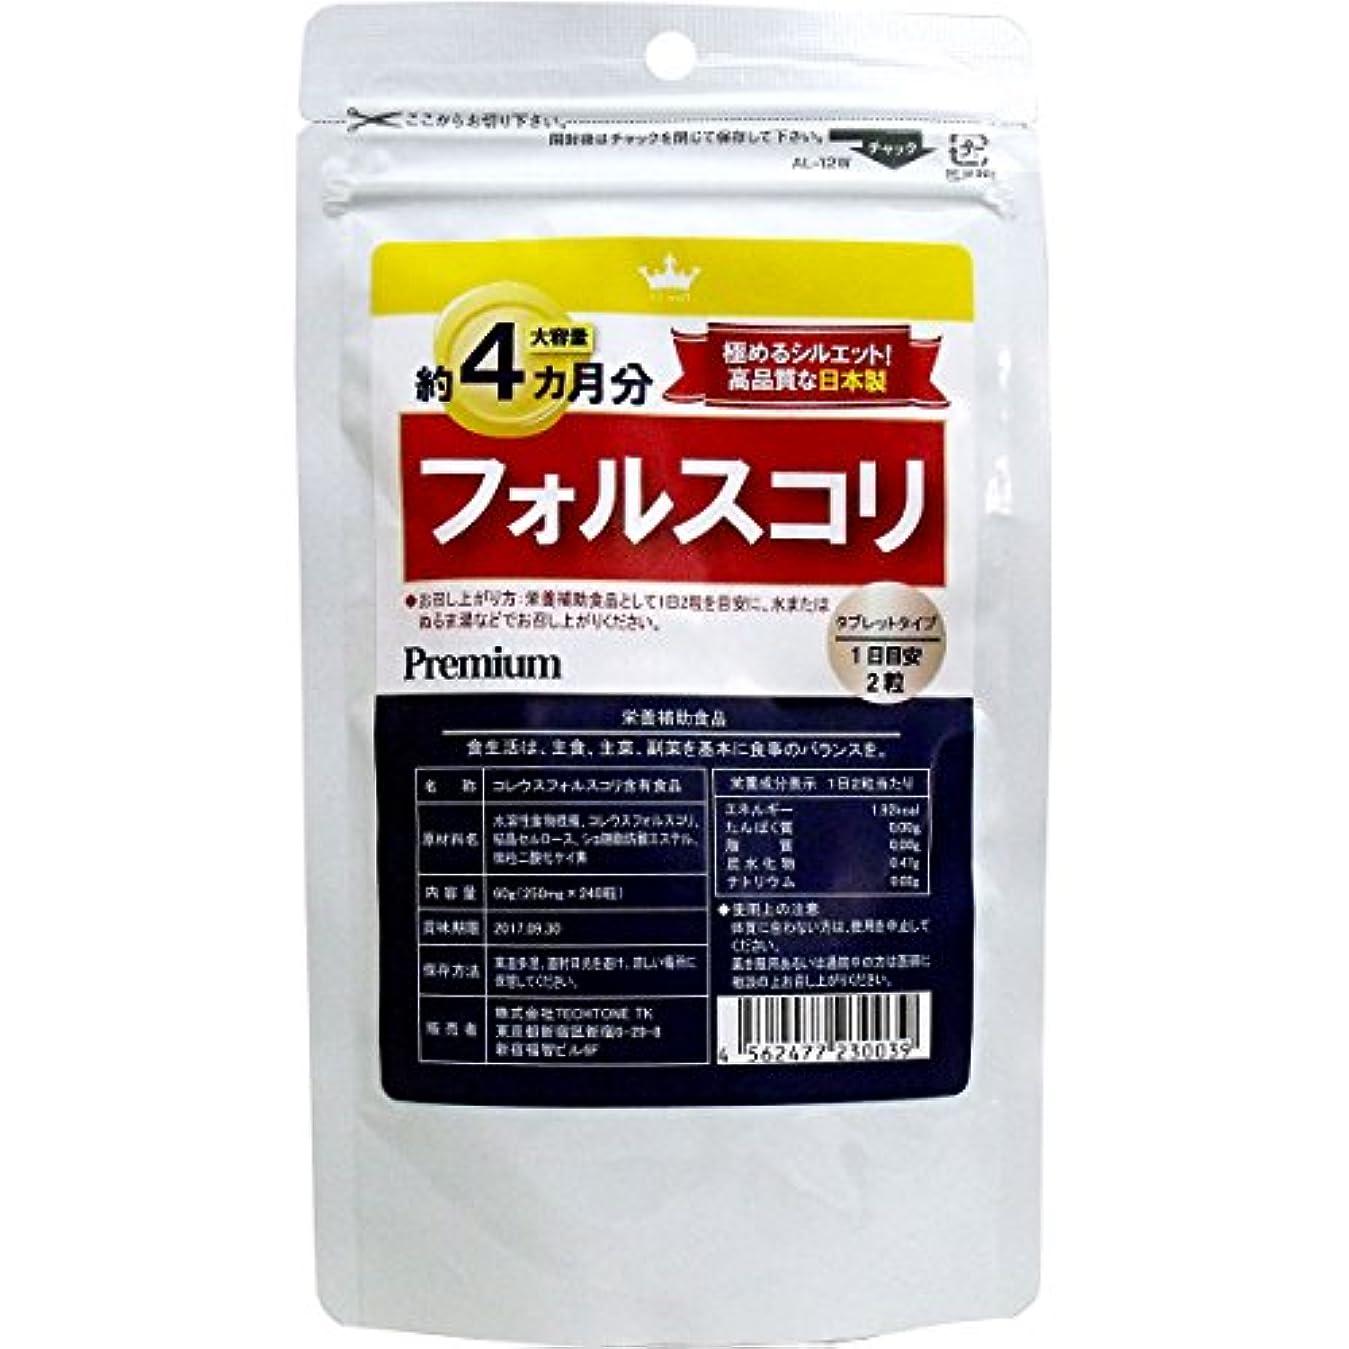 シャーロットブロンテイル舗装するサプリ 極めるシルエット 栄養機能食品 フォルスコリ 約4カ月分 240粒入